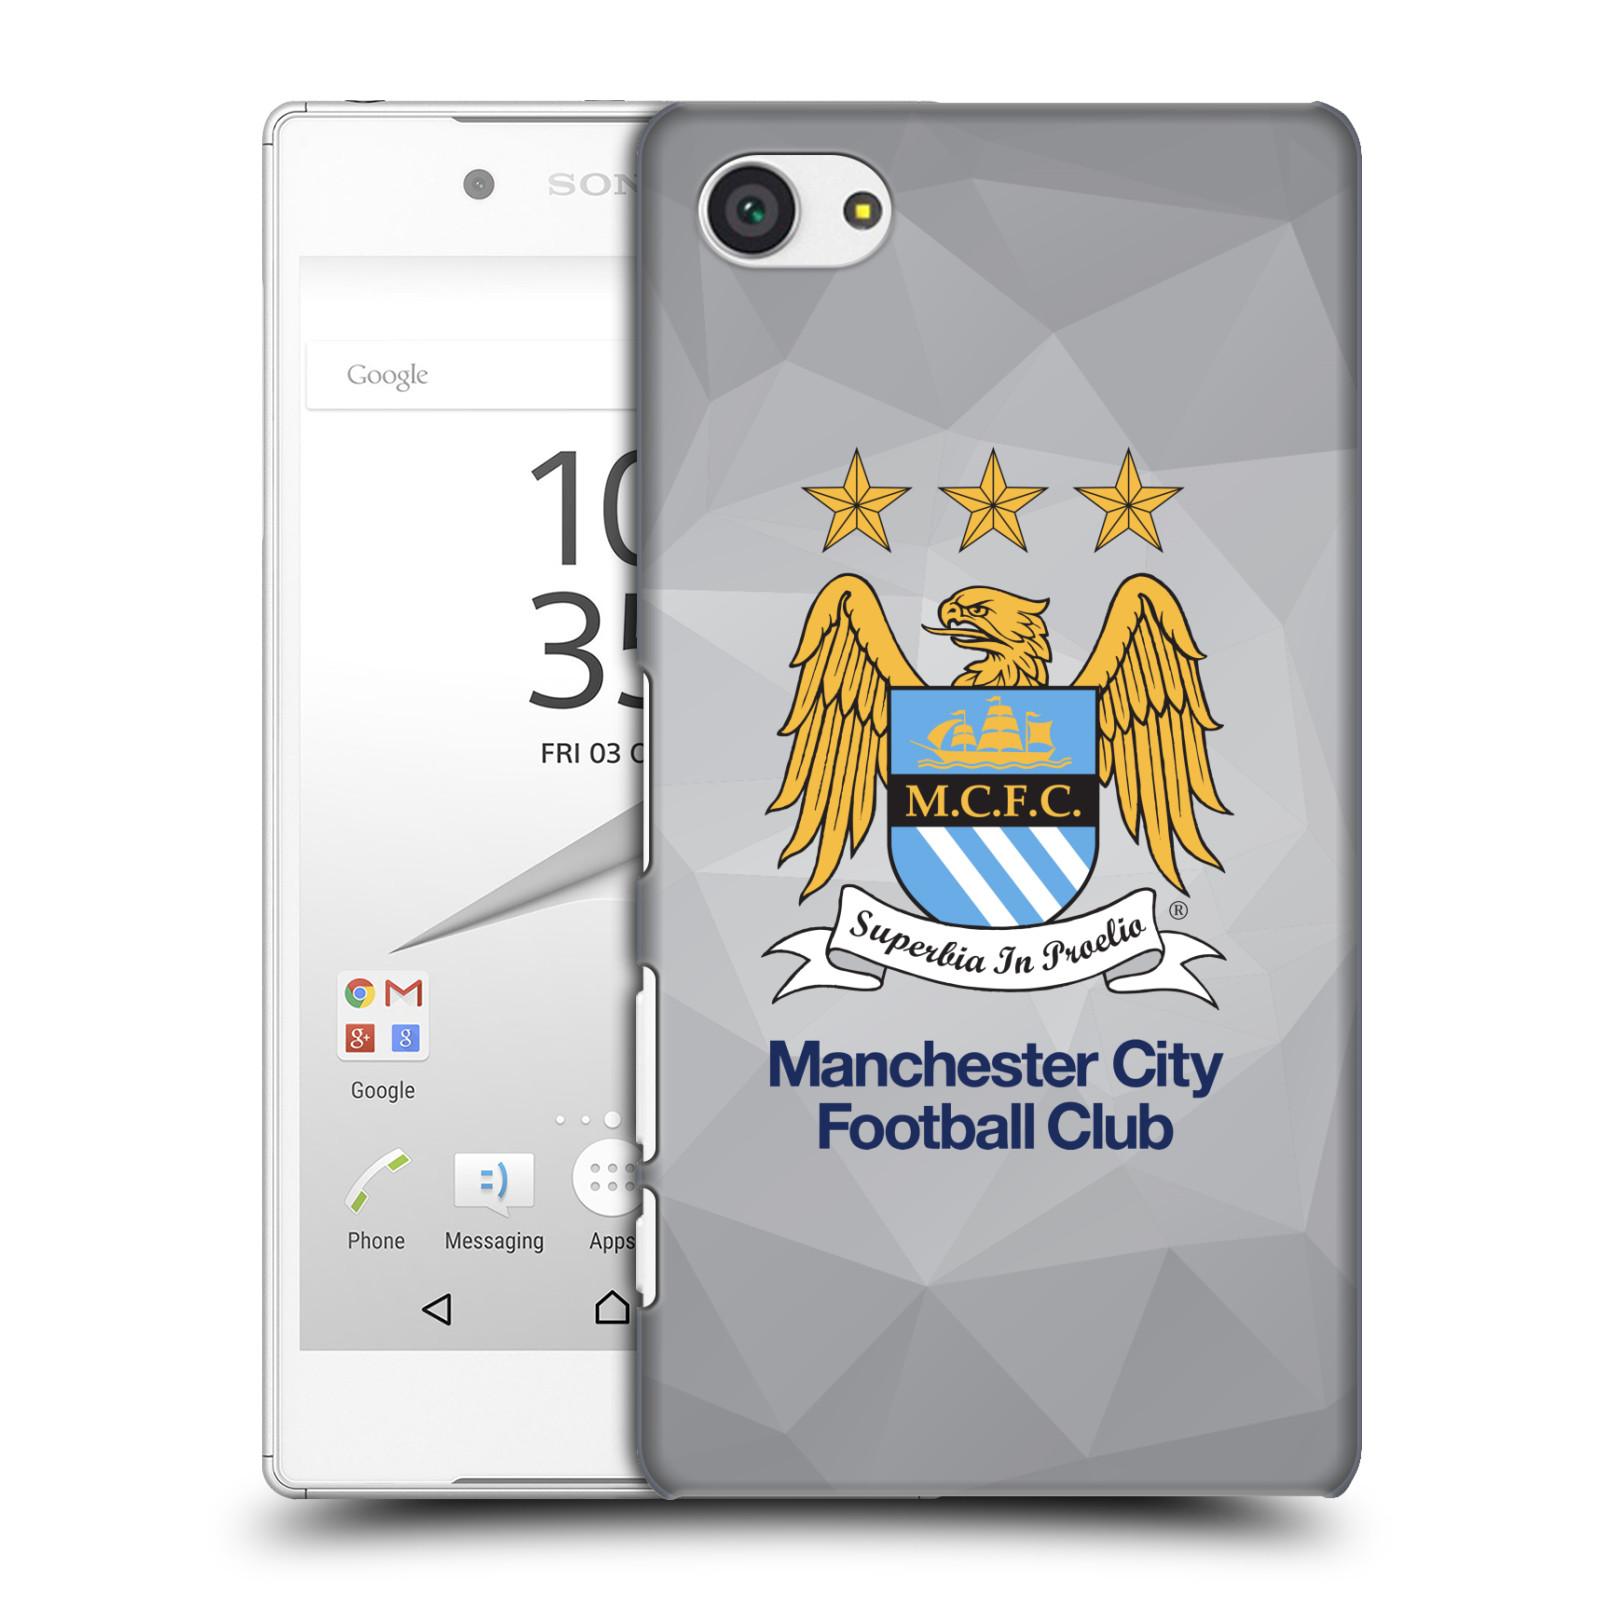 Plastové pouzdro na mobil Sony Xperia Z5 Compact HEAD CASE Manchester City FC - Football Club